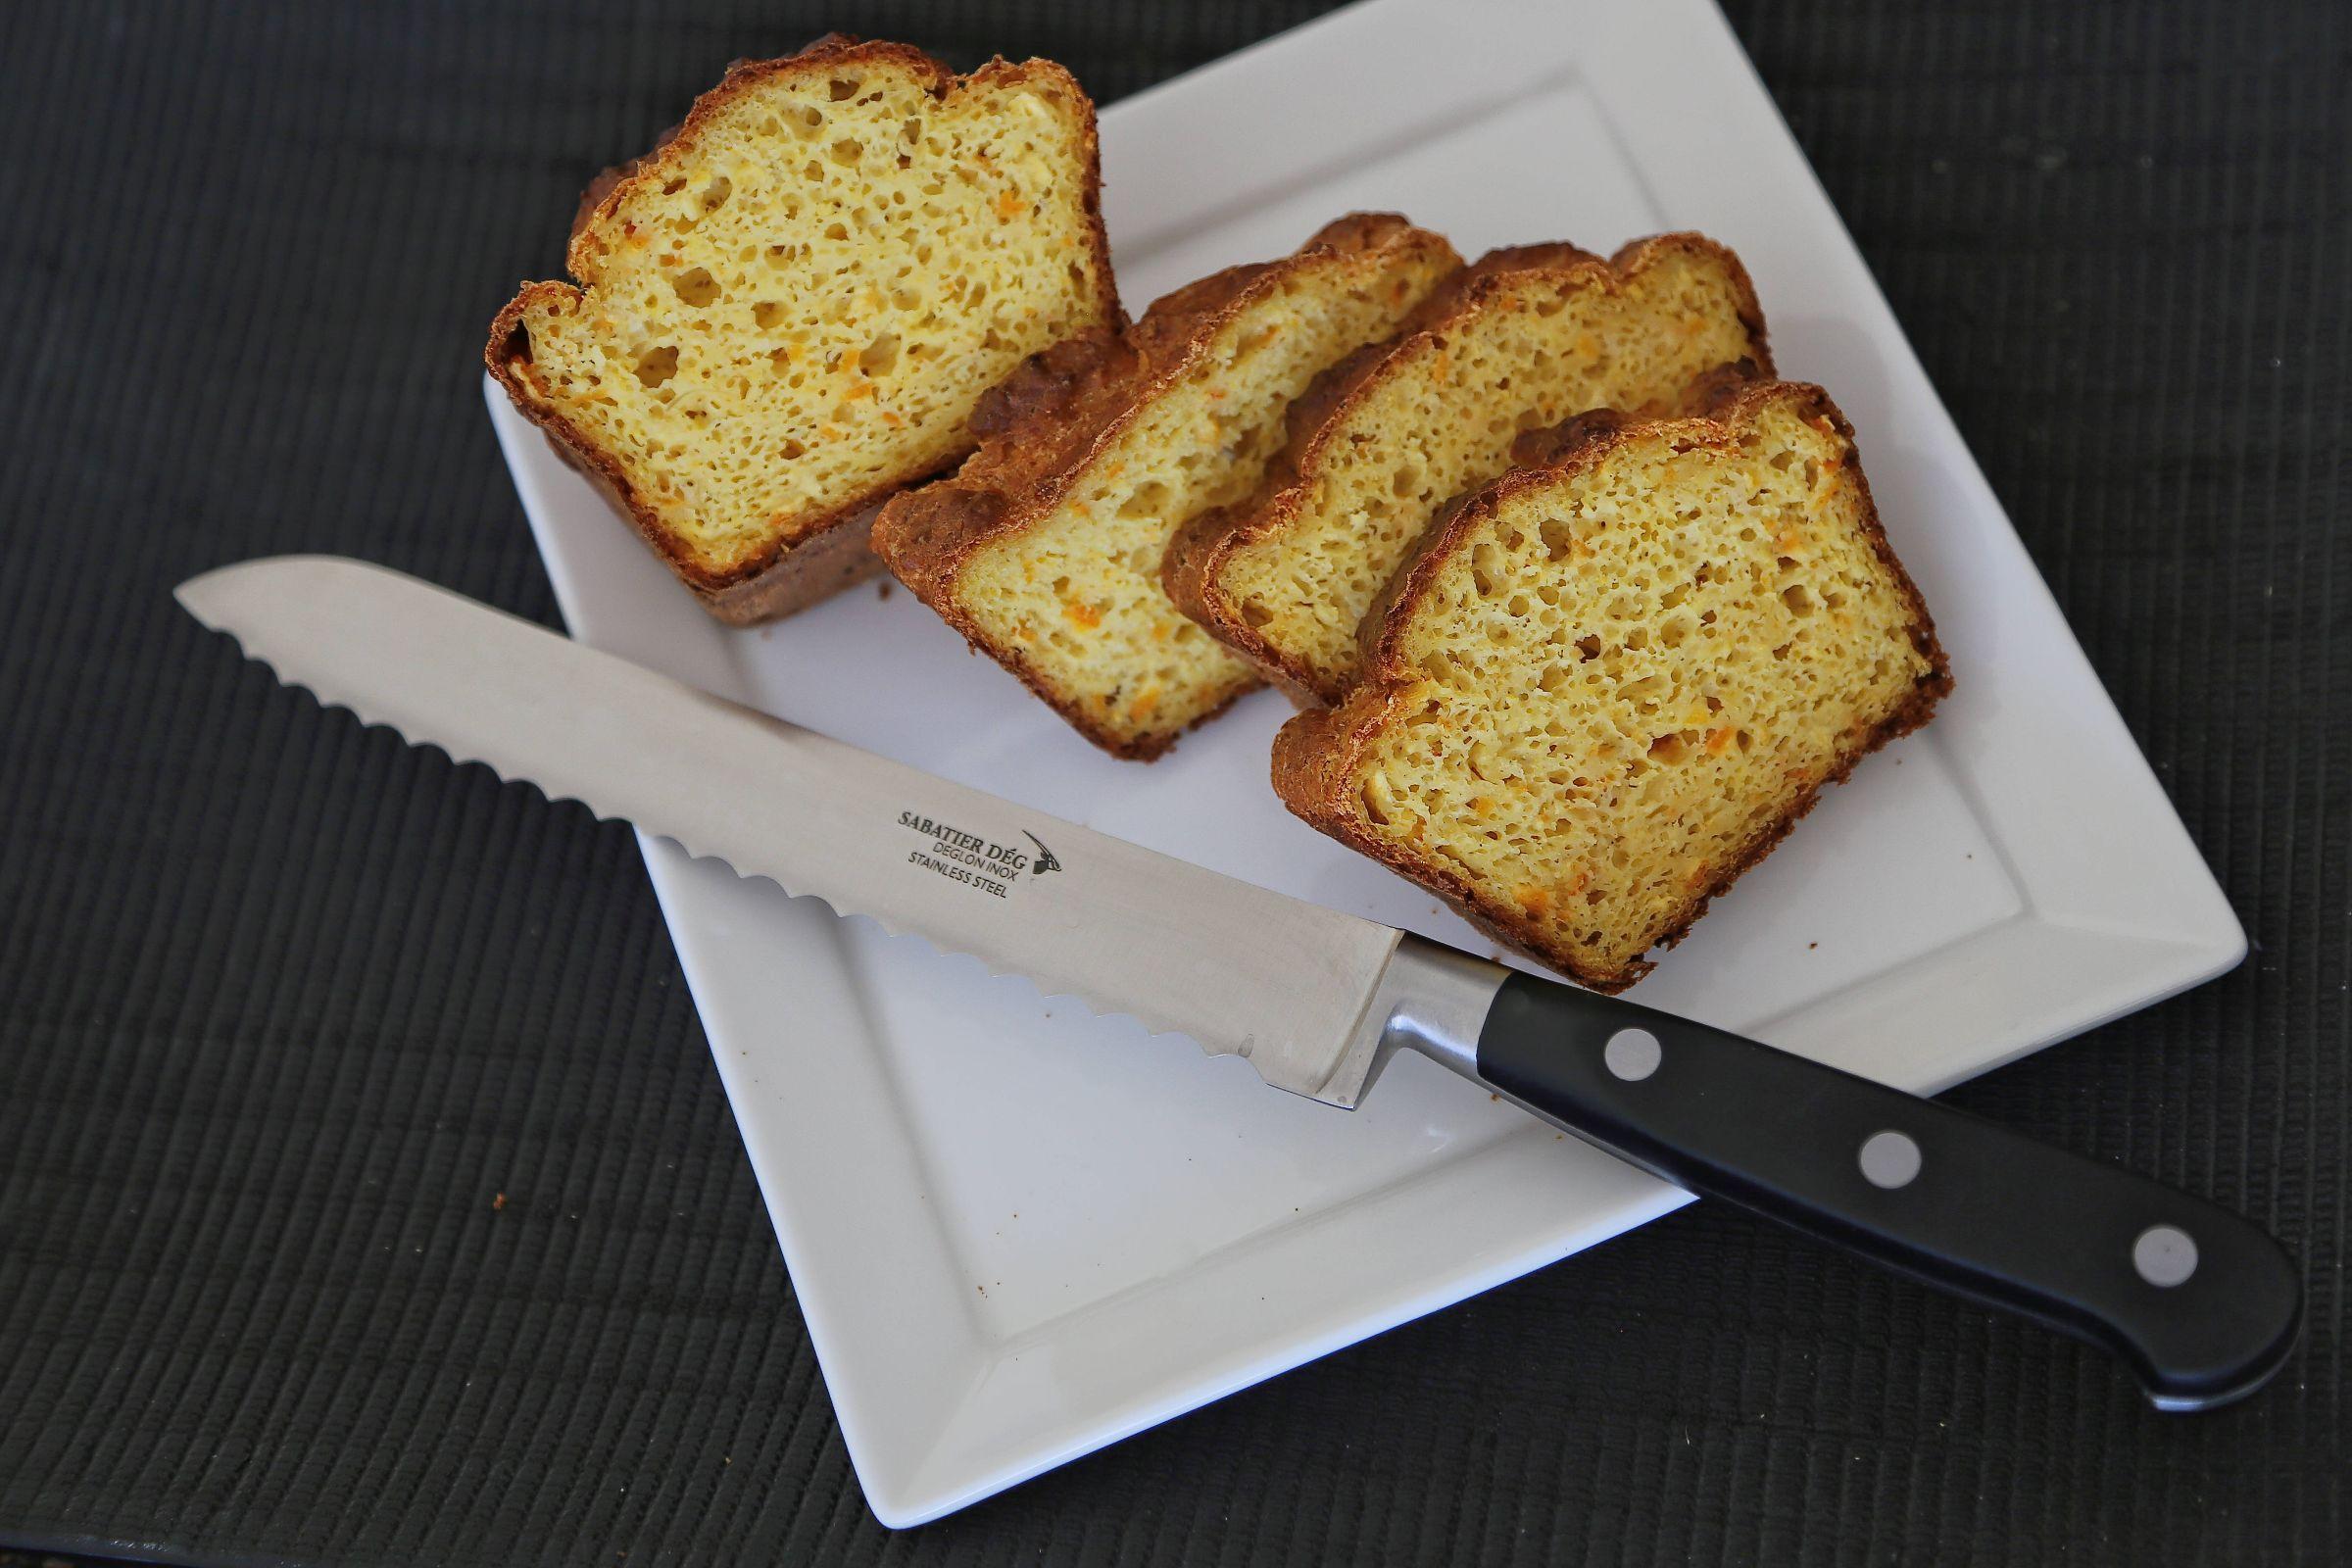 Deglon Cuisine Ideale Bread Knife, 8-Inch